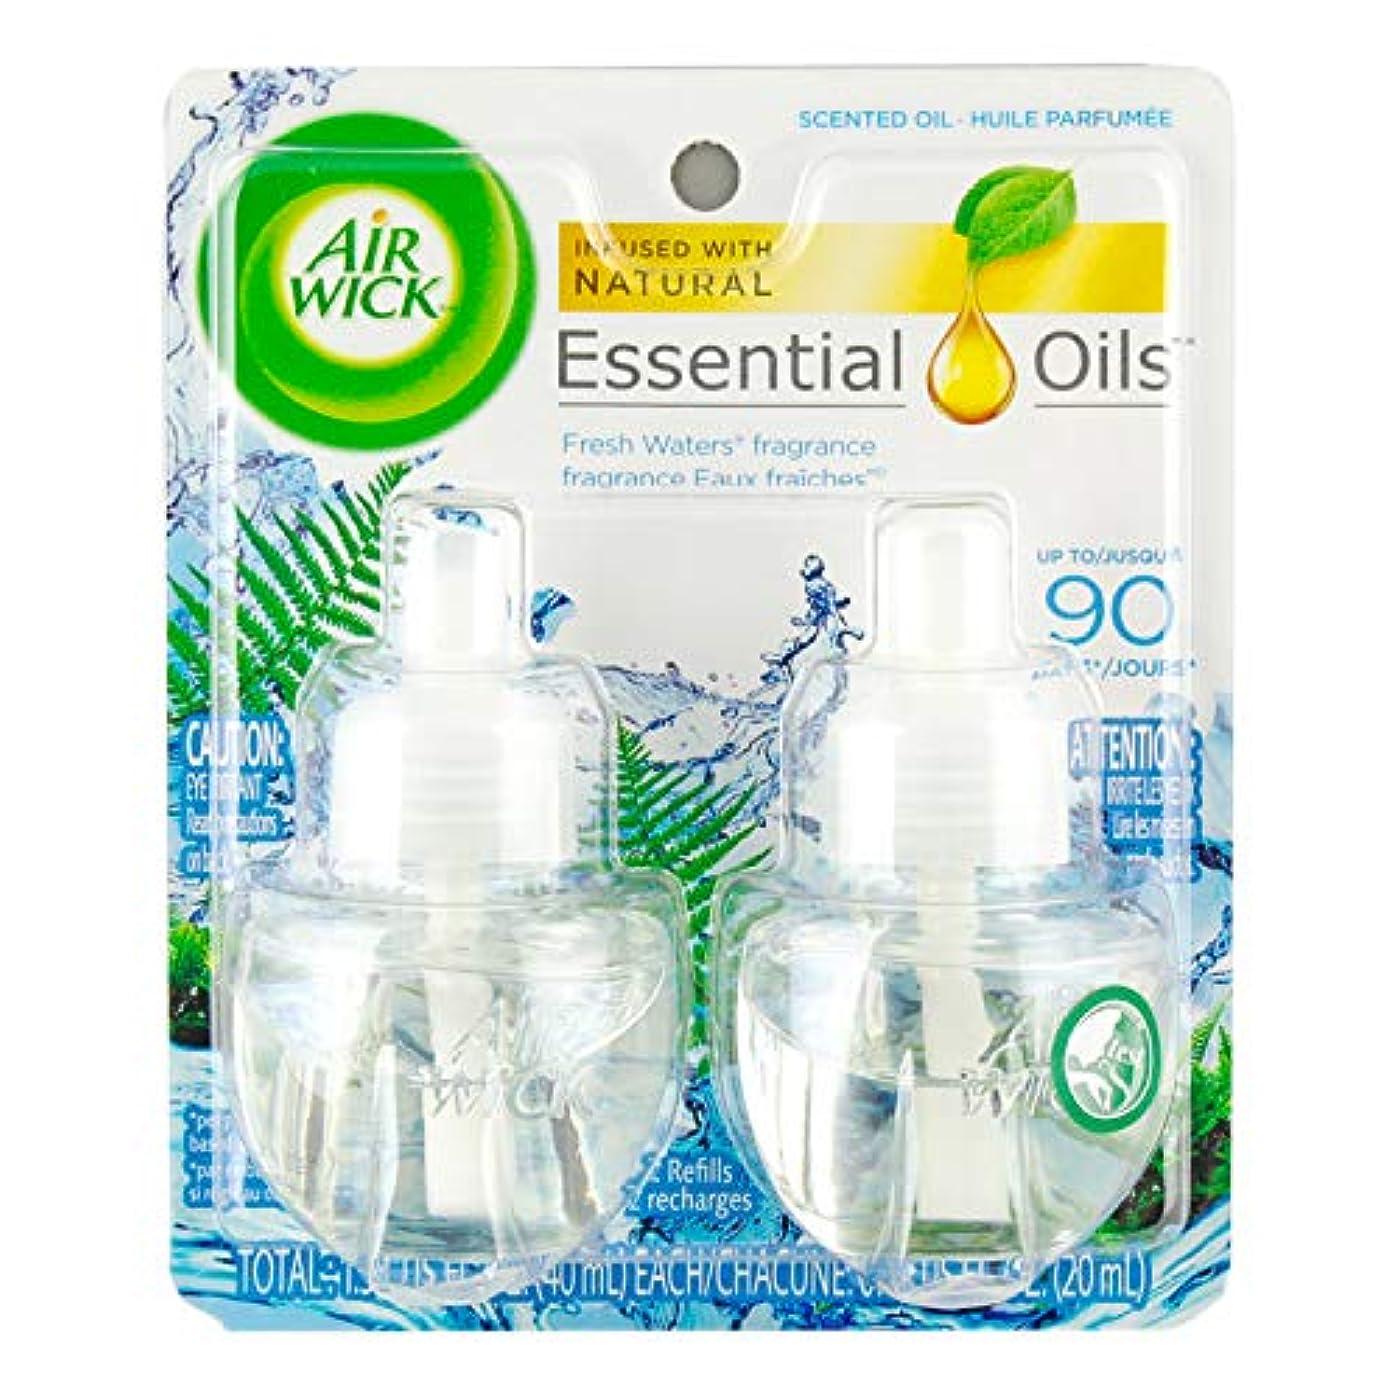 学習者さようなら守る【Air Wick/エアーウィック】 プラグインオイル詰替えリフィル(2個入り) フレッシュウォーター Air Wick Scented Oil Twin Refill Fresh Waters (2X.67) Oz....